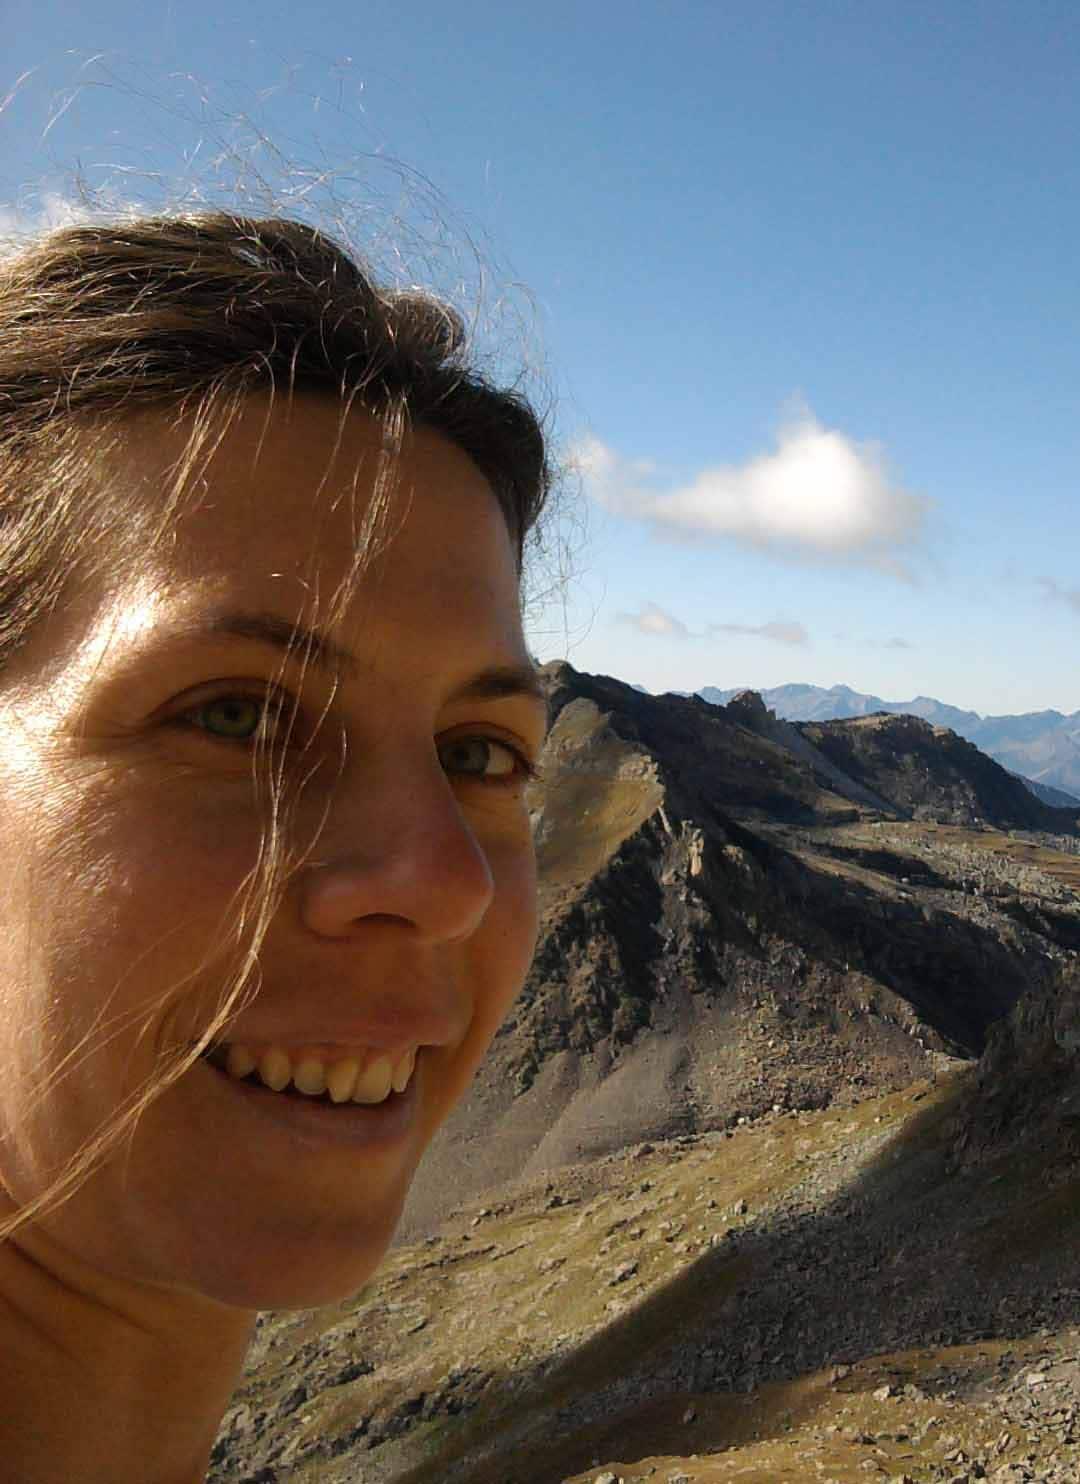 Chiara Odette from Arezzo